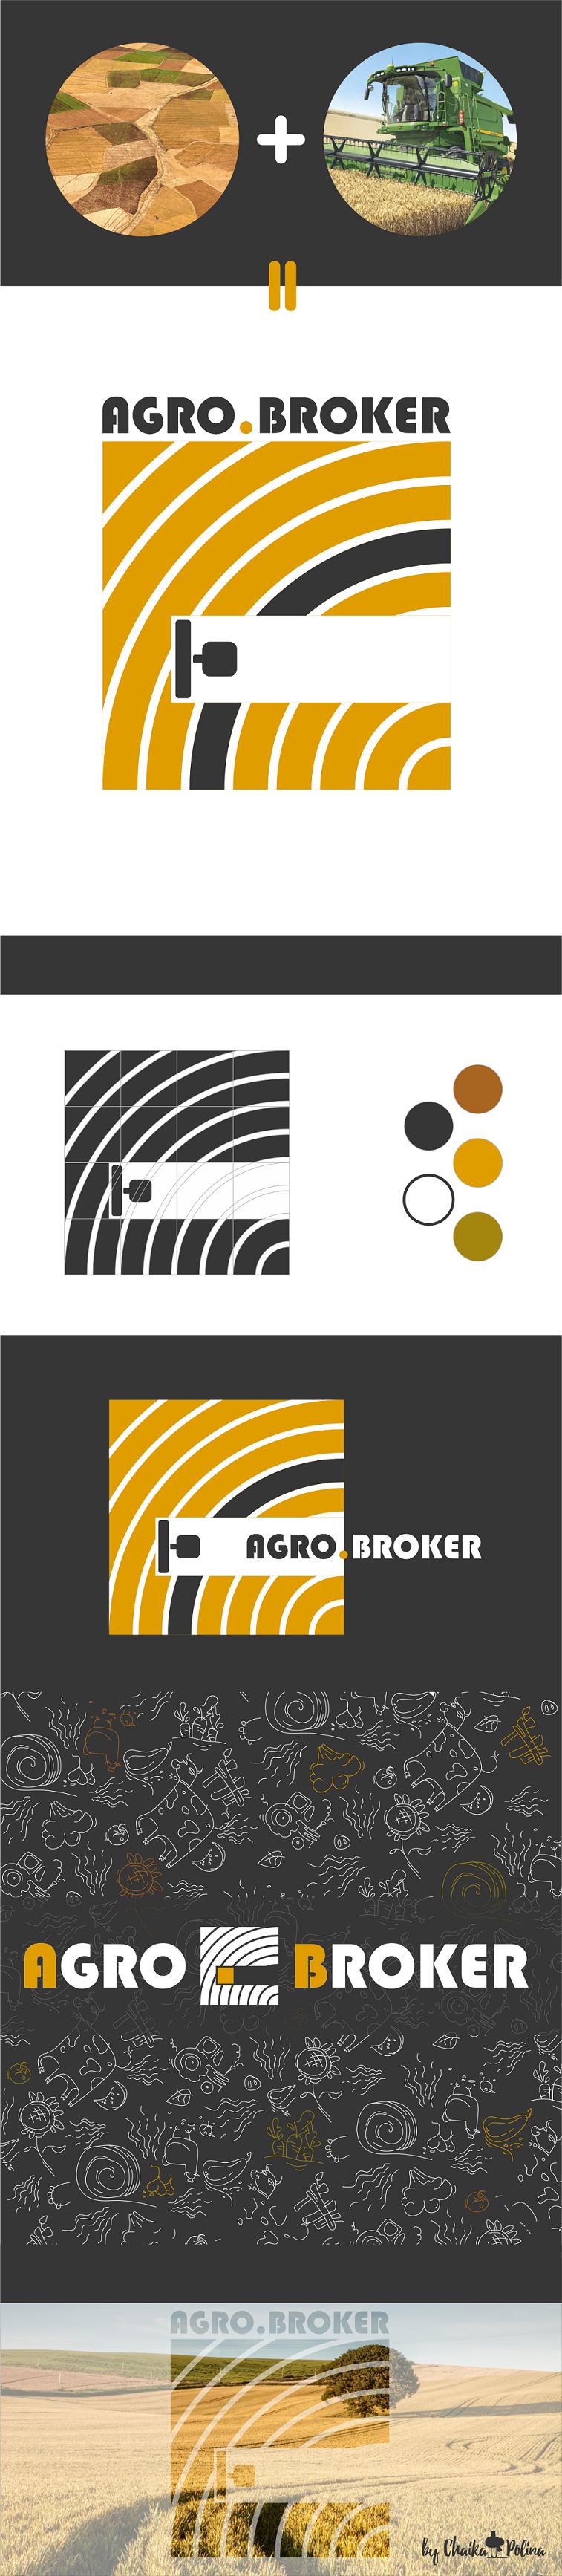 ТЗ на разработку пакета айдентики Agro.Broker фото f_4575974decae38a6.png